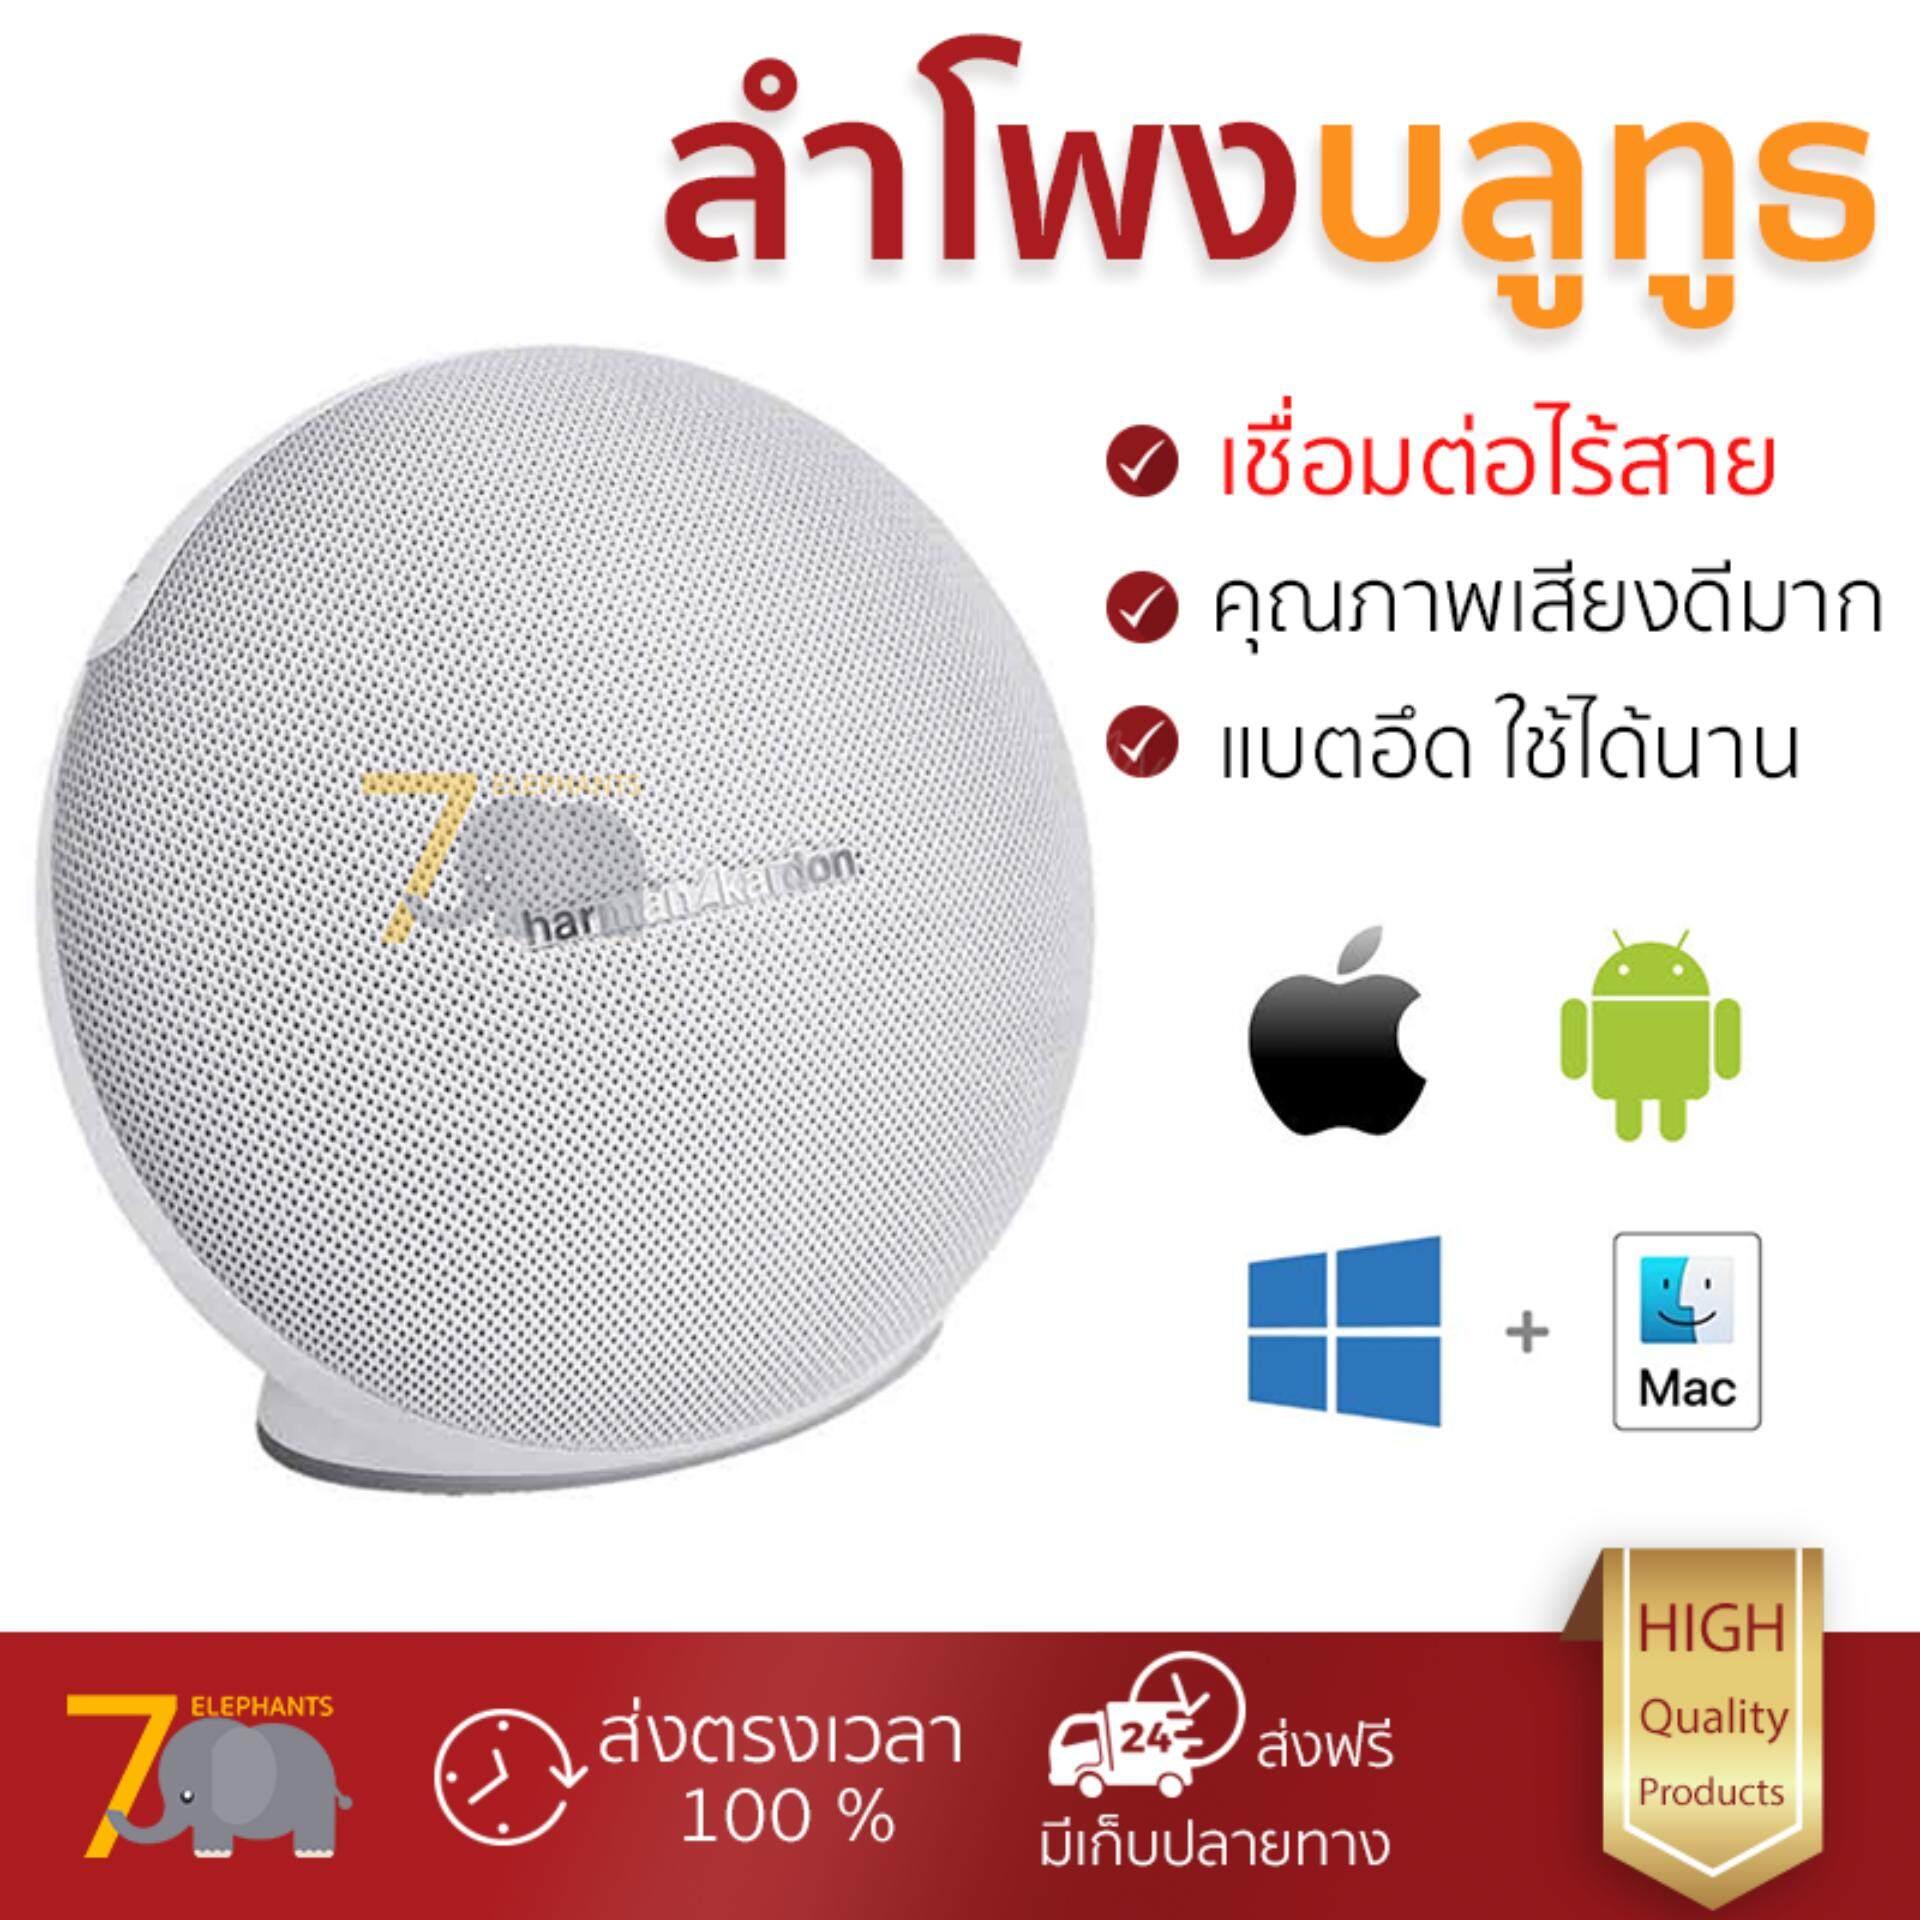 สอนใช้งาน  นครราชสีมา จัดส่งฟรี ลำโพงบลูทูธ  Harman Kardon Bluetooth Speaker 2.1 Onyx Mini White เสียงใส คุณภาพเกินตัว Wireless Bluetooth Speaker รับประกัน 1 ปี